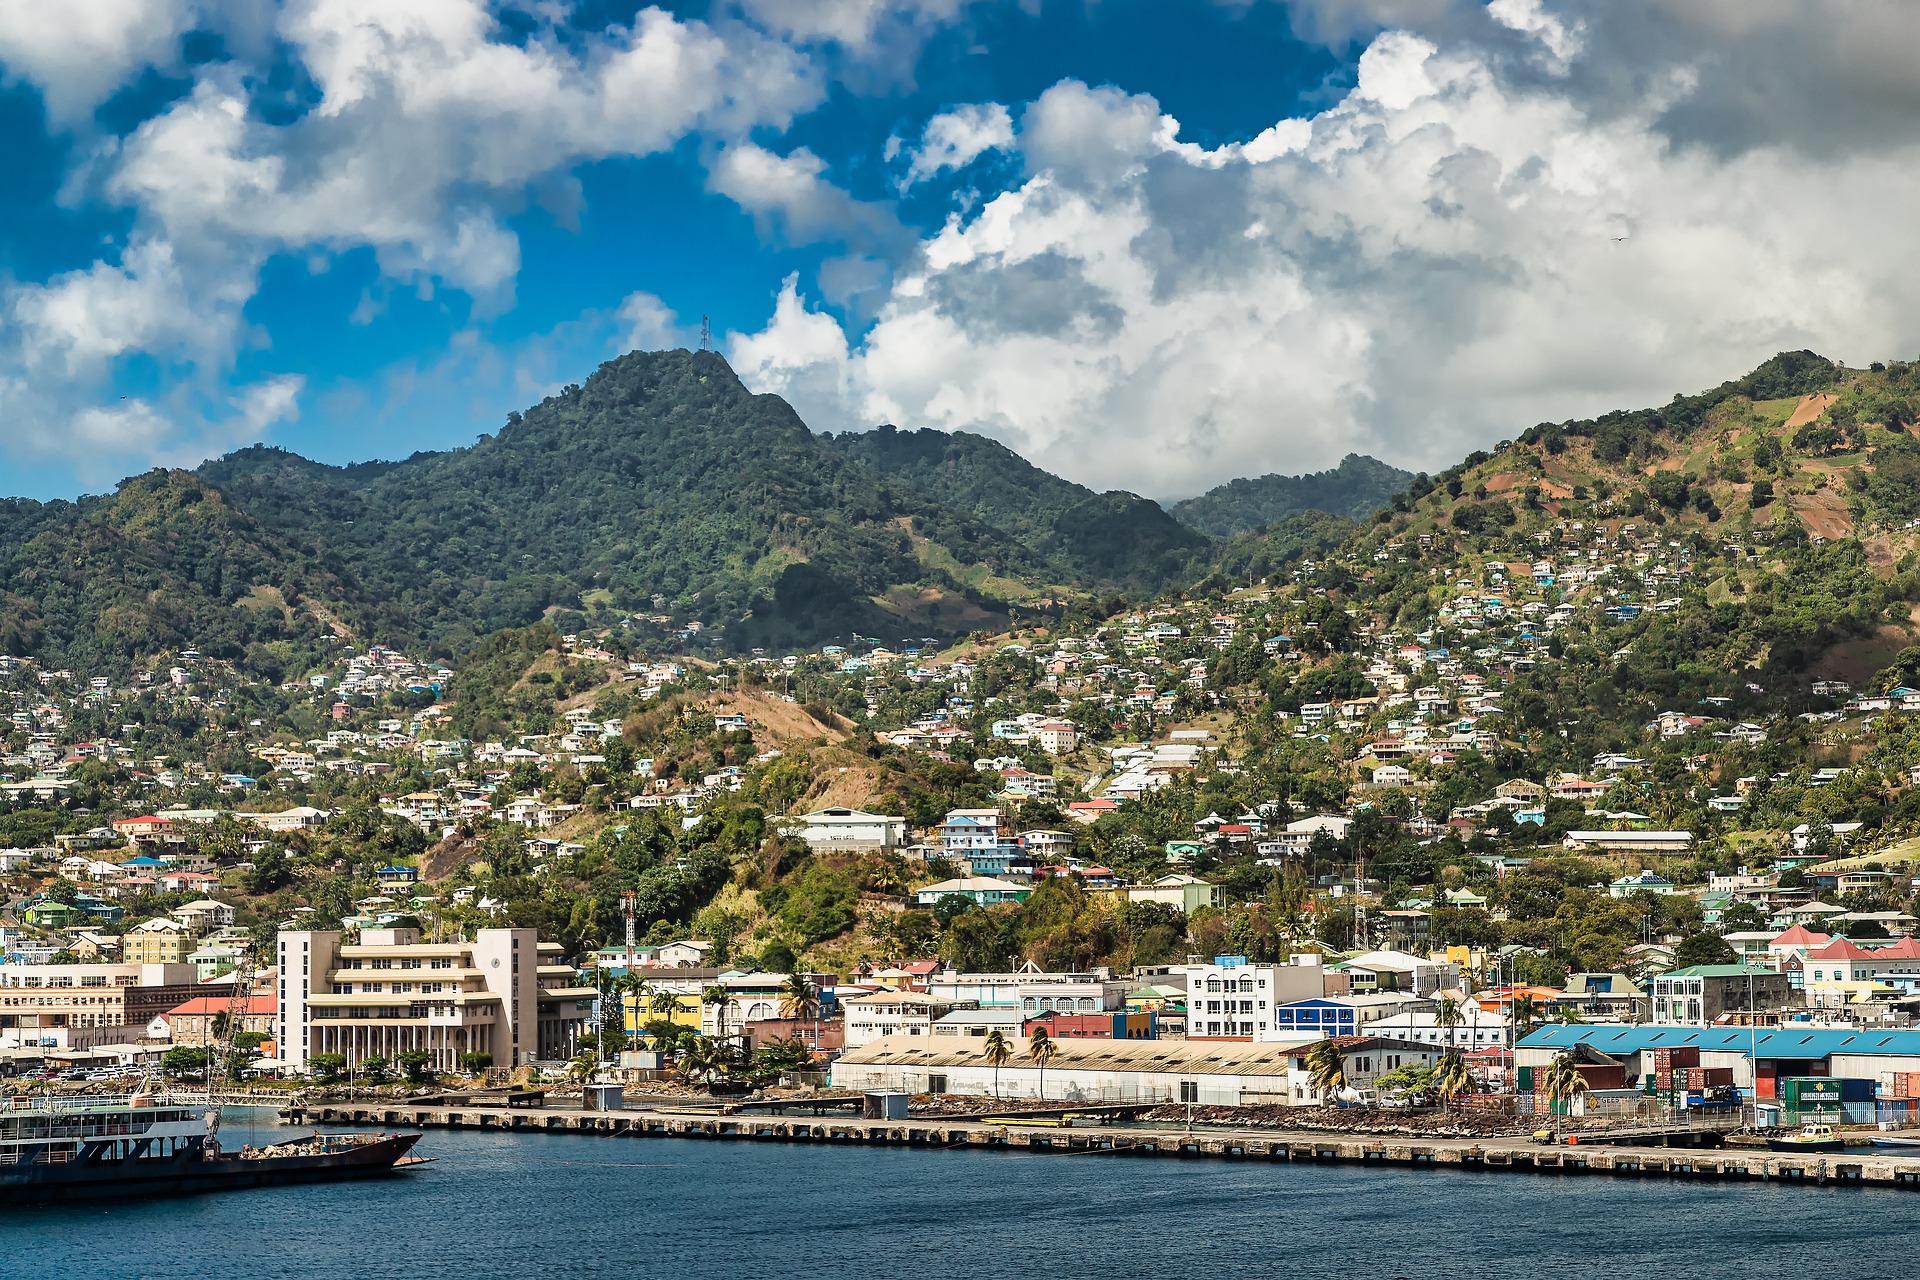 Юрисдикии Сент Винсент и Гренадины